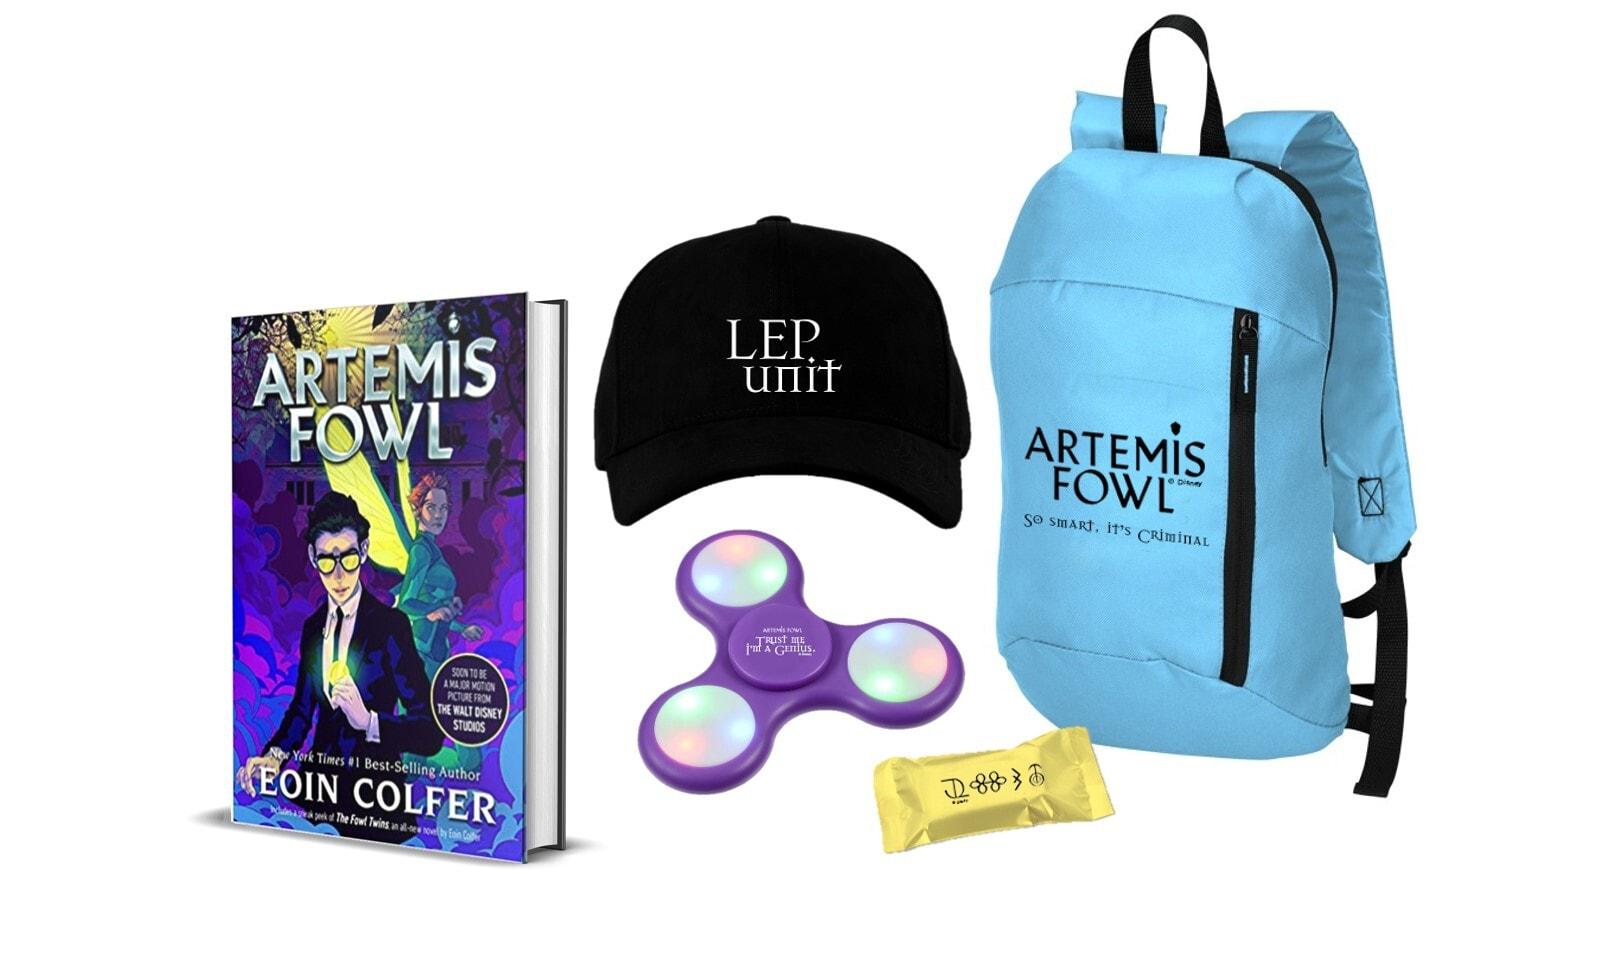 Artemis Fowl Prize